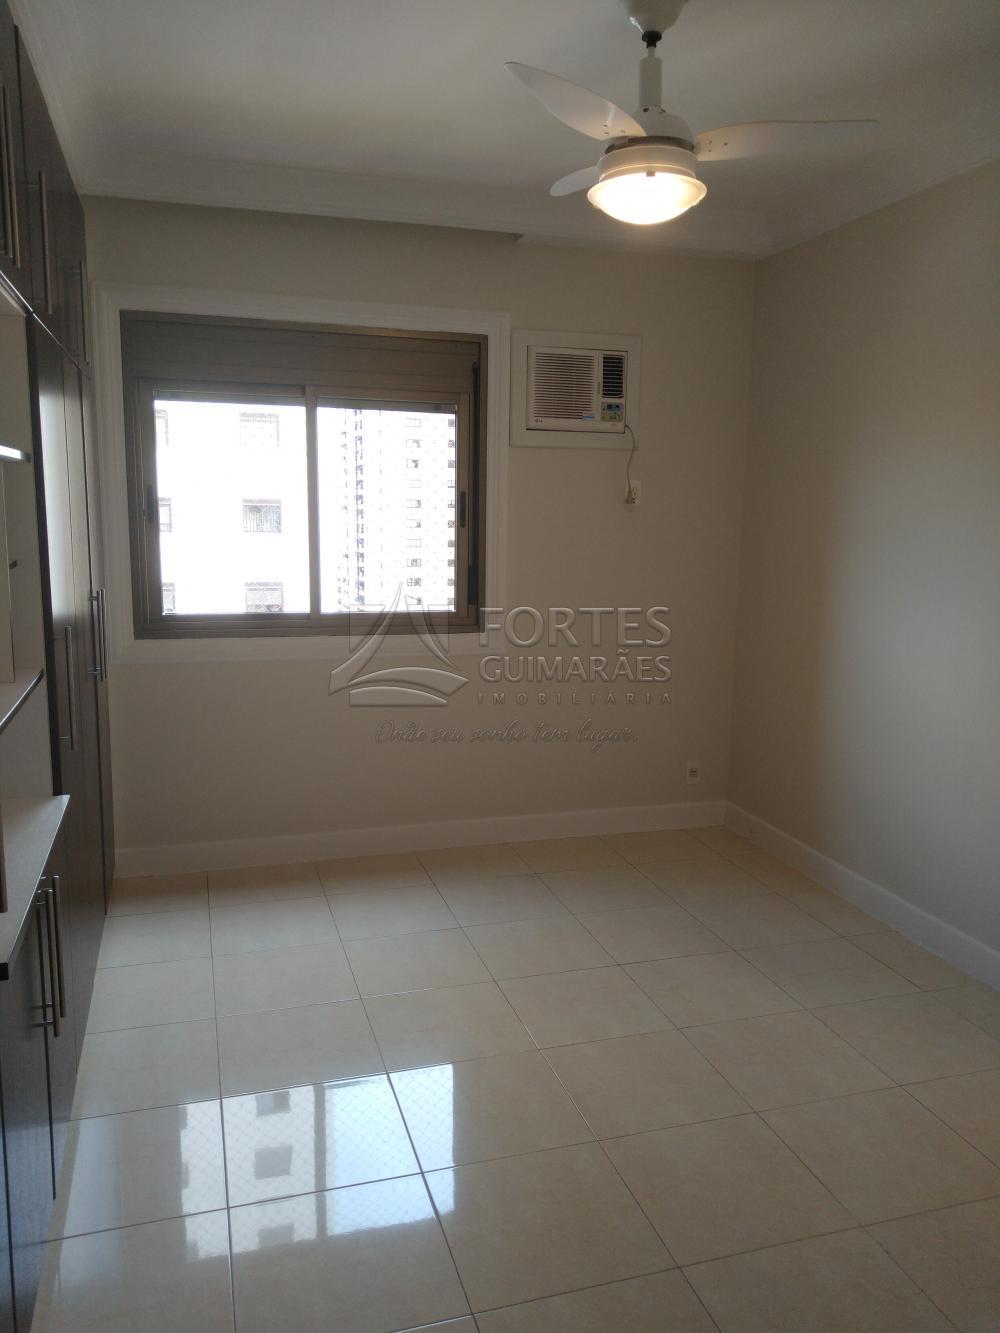 Alugar Apartamentos / Padrão em Ribeirão Preto apenas R$ 3.000,00 - Foto 30